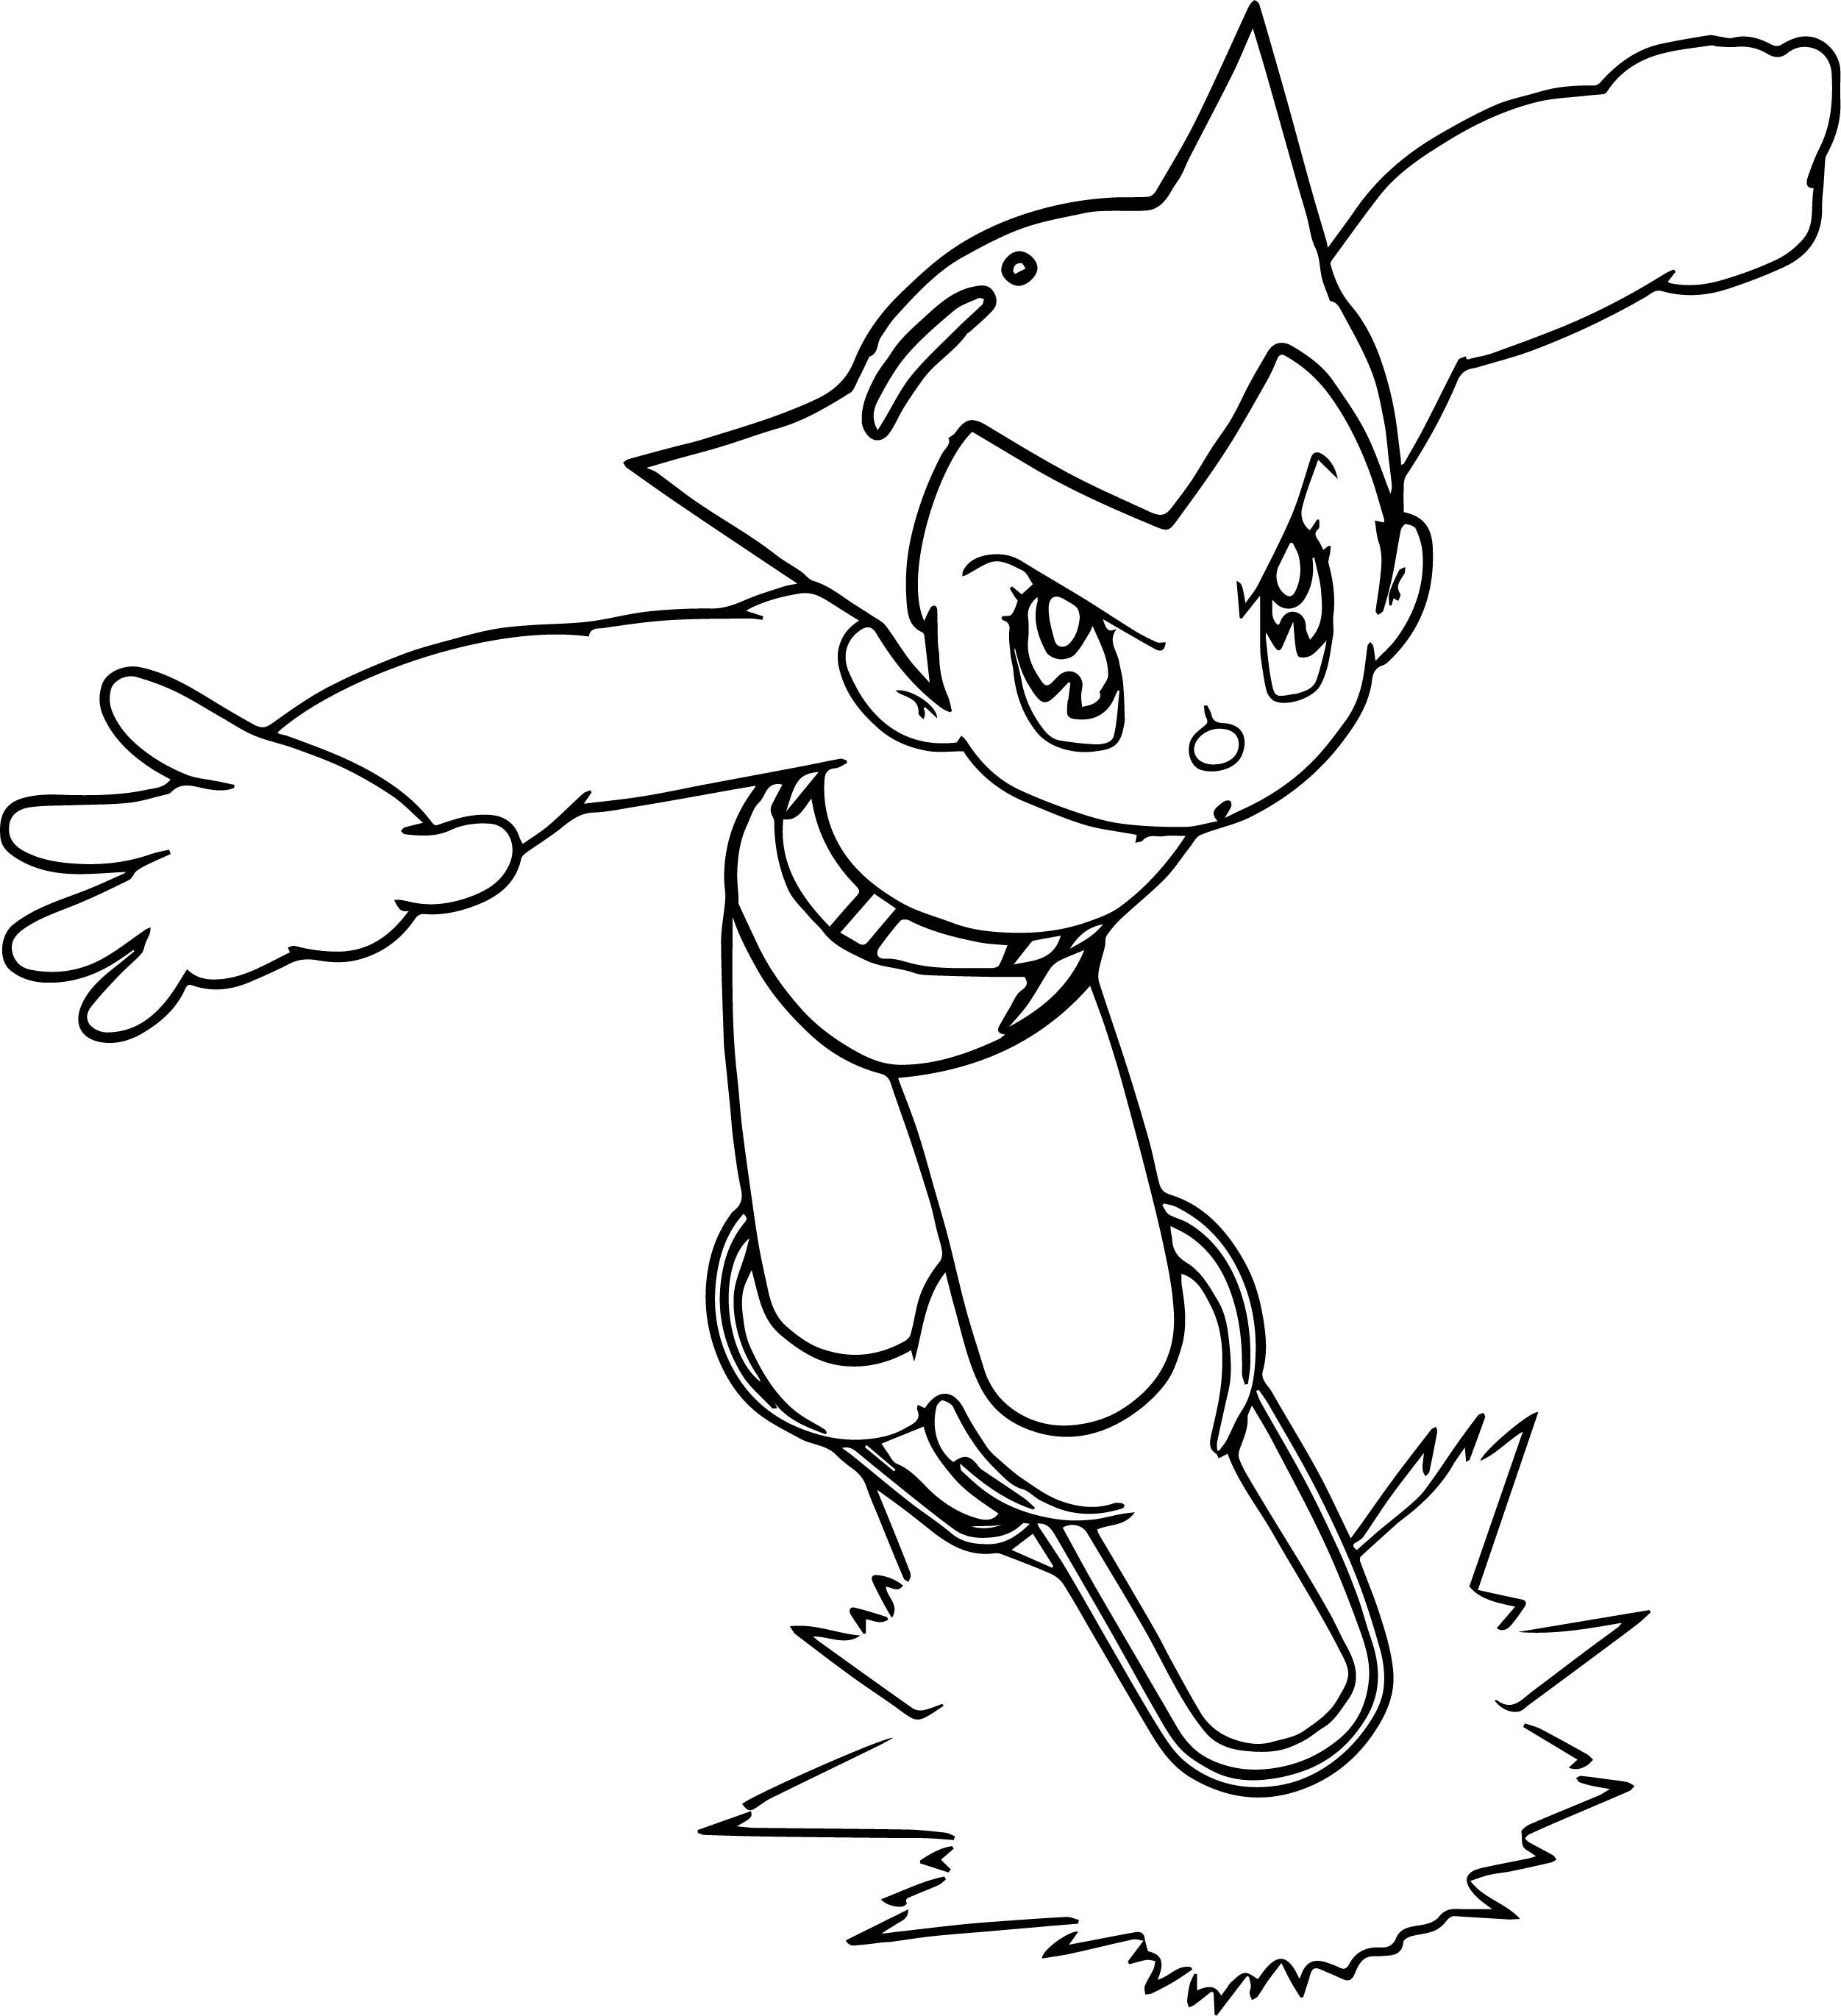 2503x2741 Astro Boy Image Coloring Page